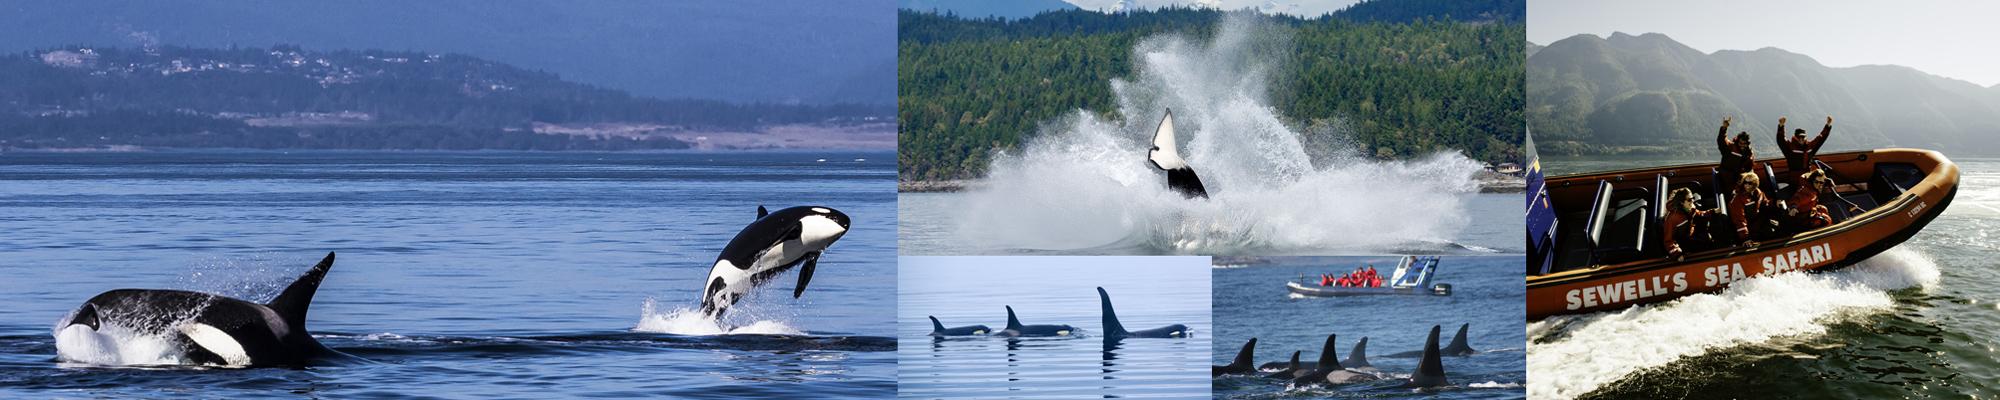 avvistamento orche e balene Canada